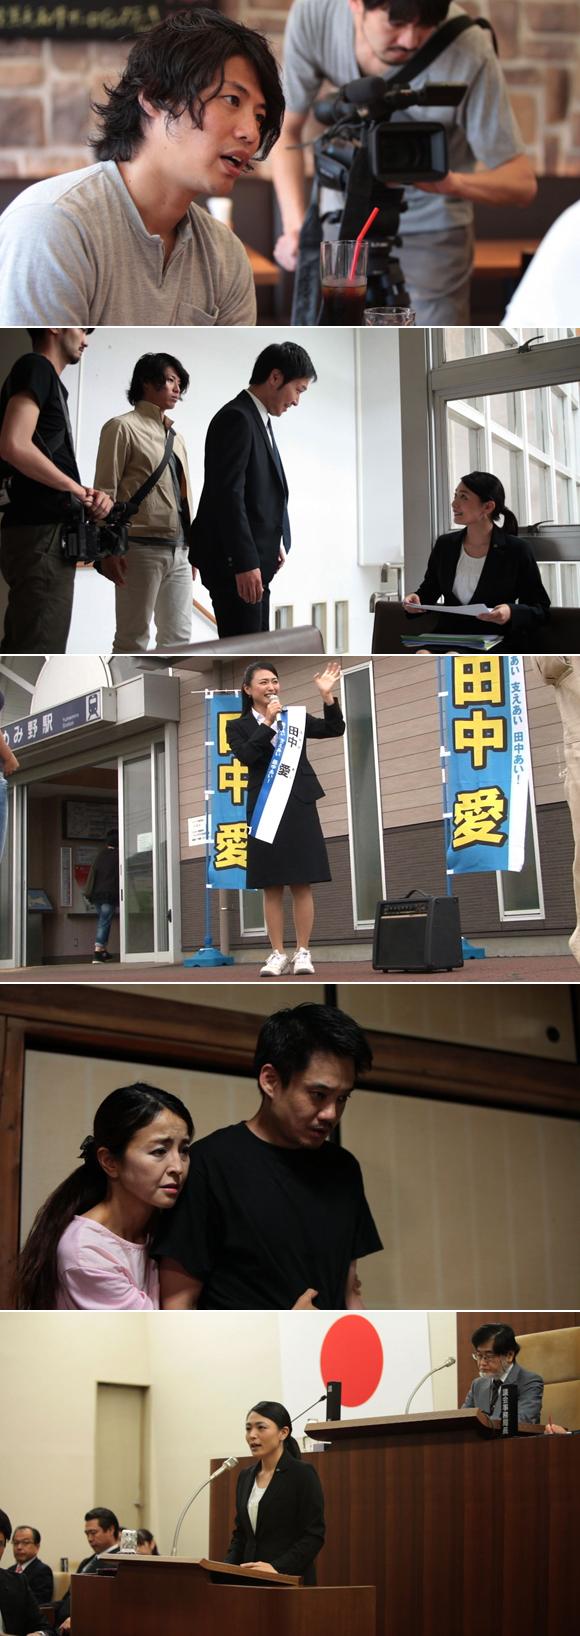 utsukushisugir_002.jpg